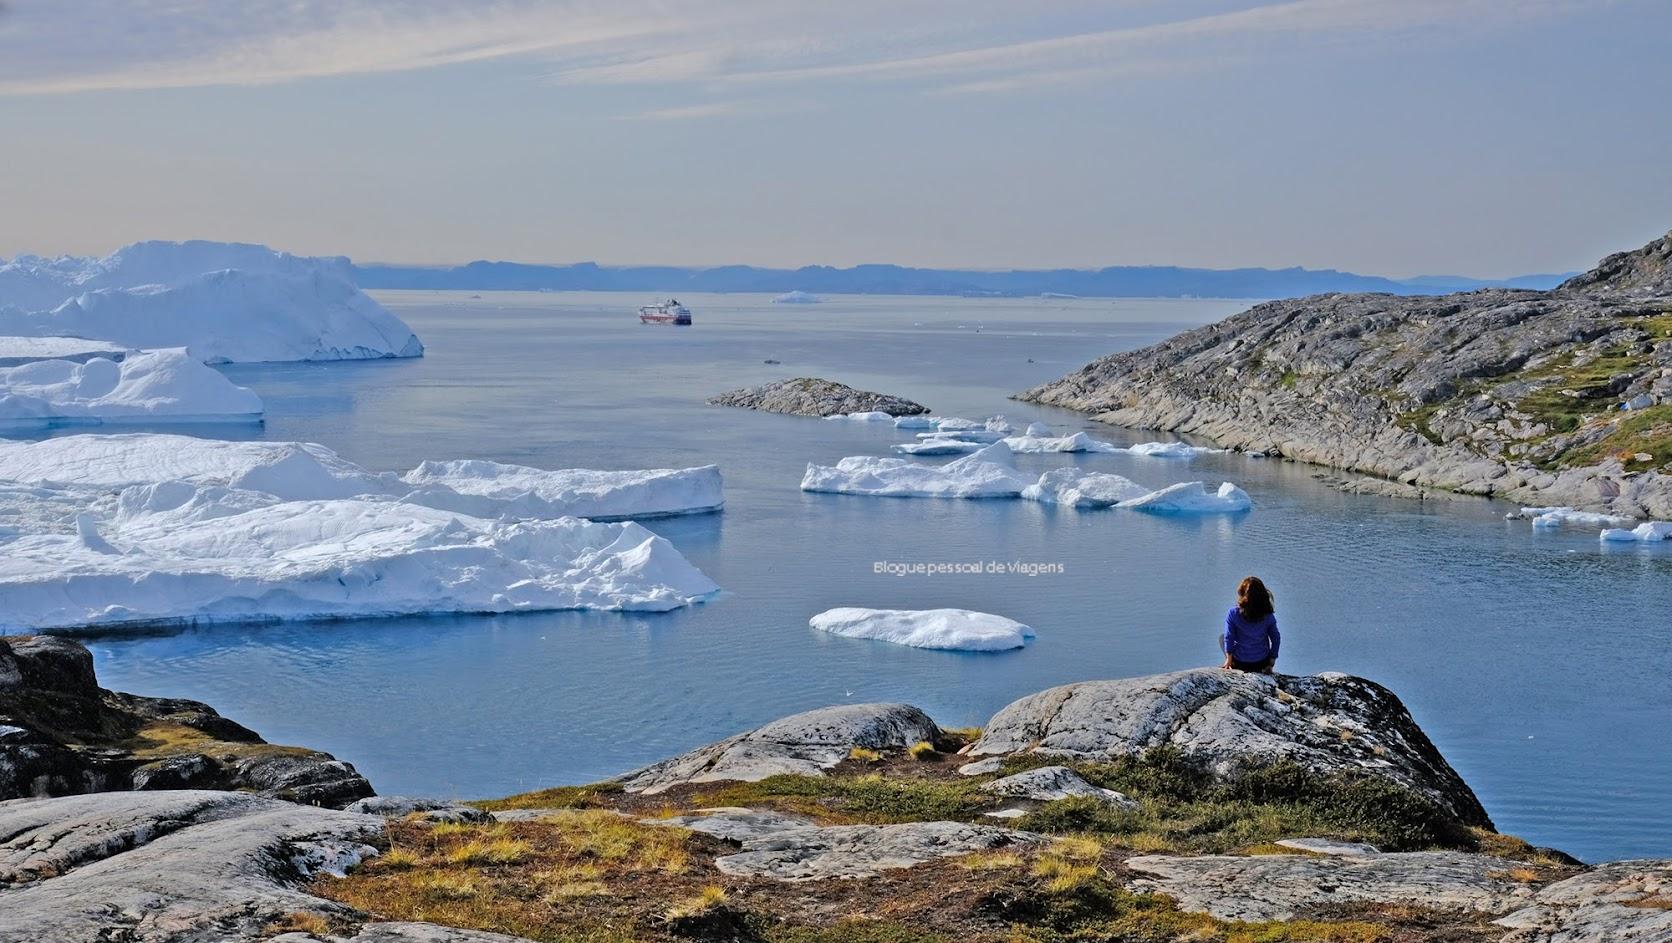 Dia 12 a 15 - Gronelândia, um mundo que é de outro planeta